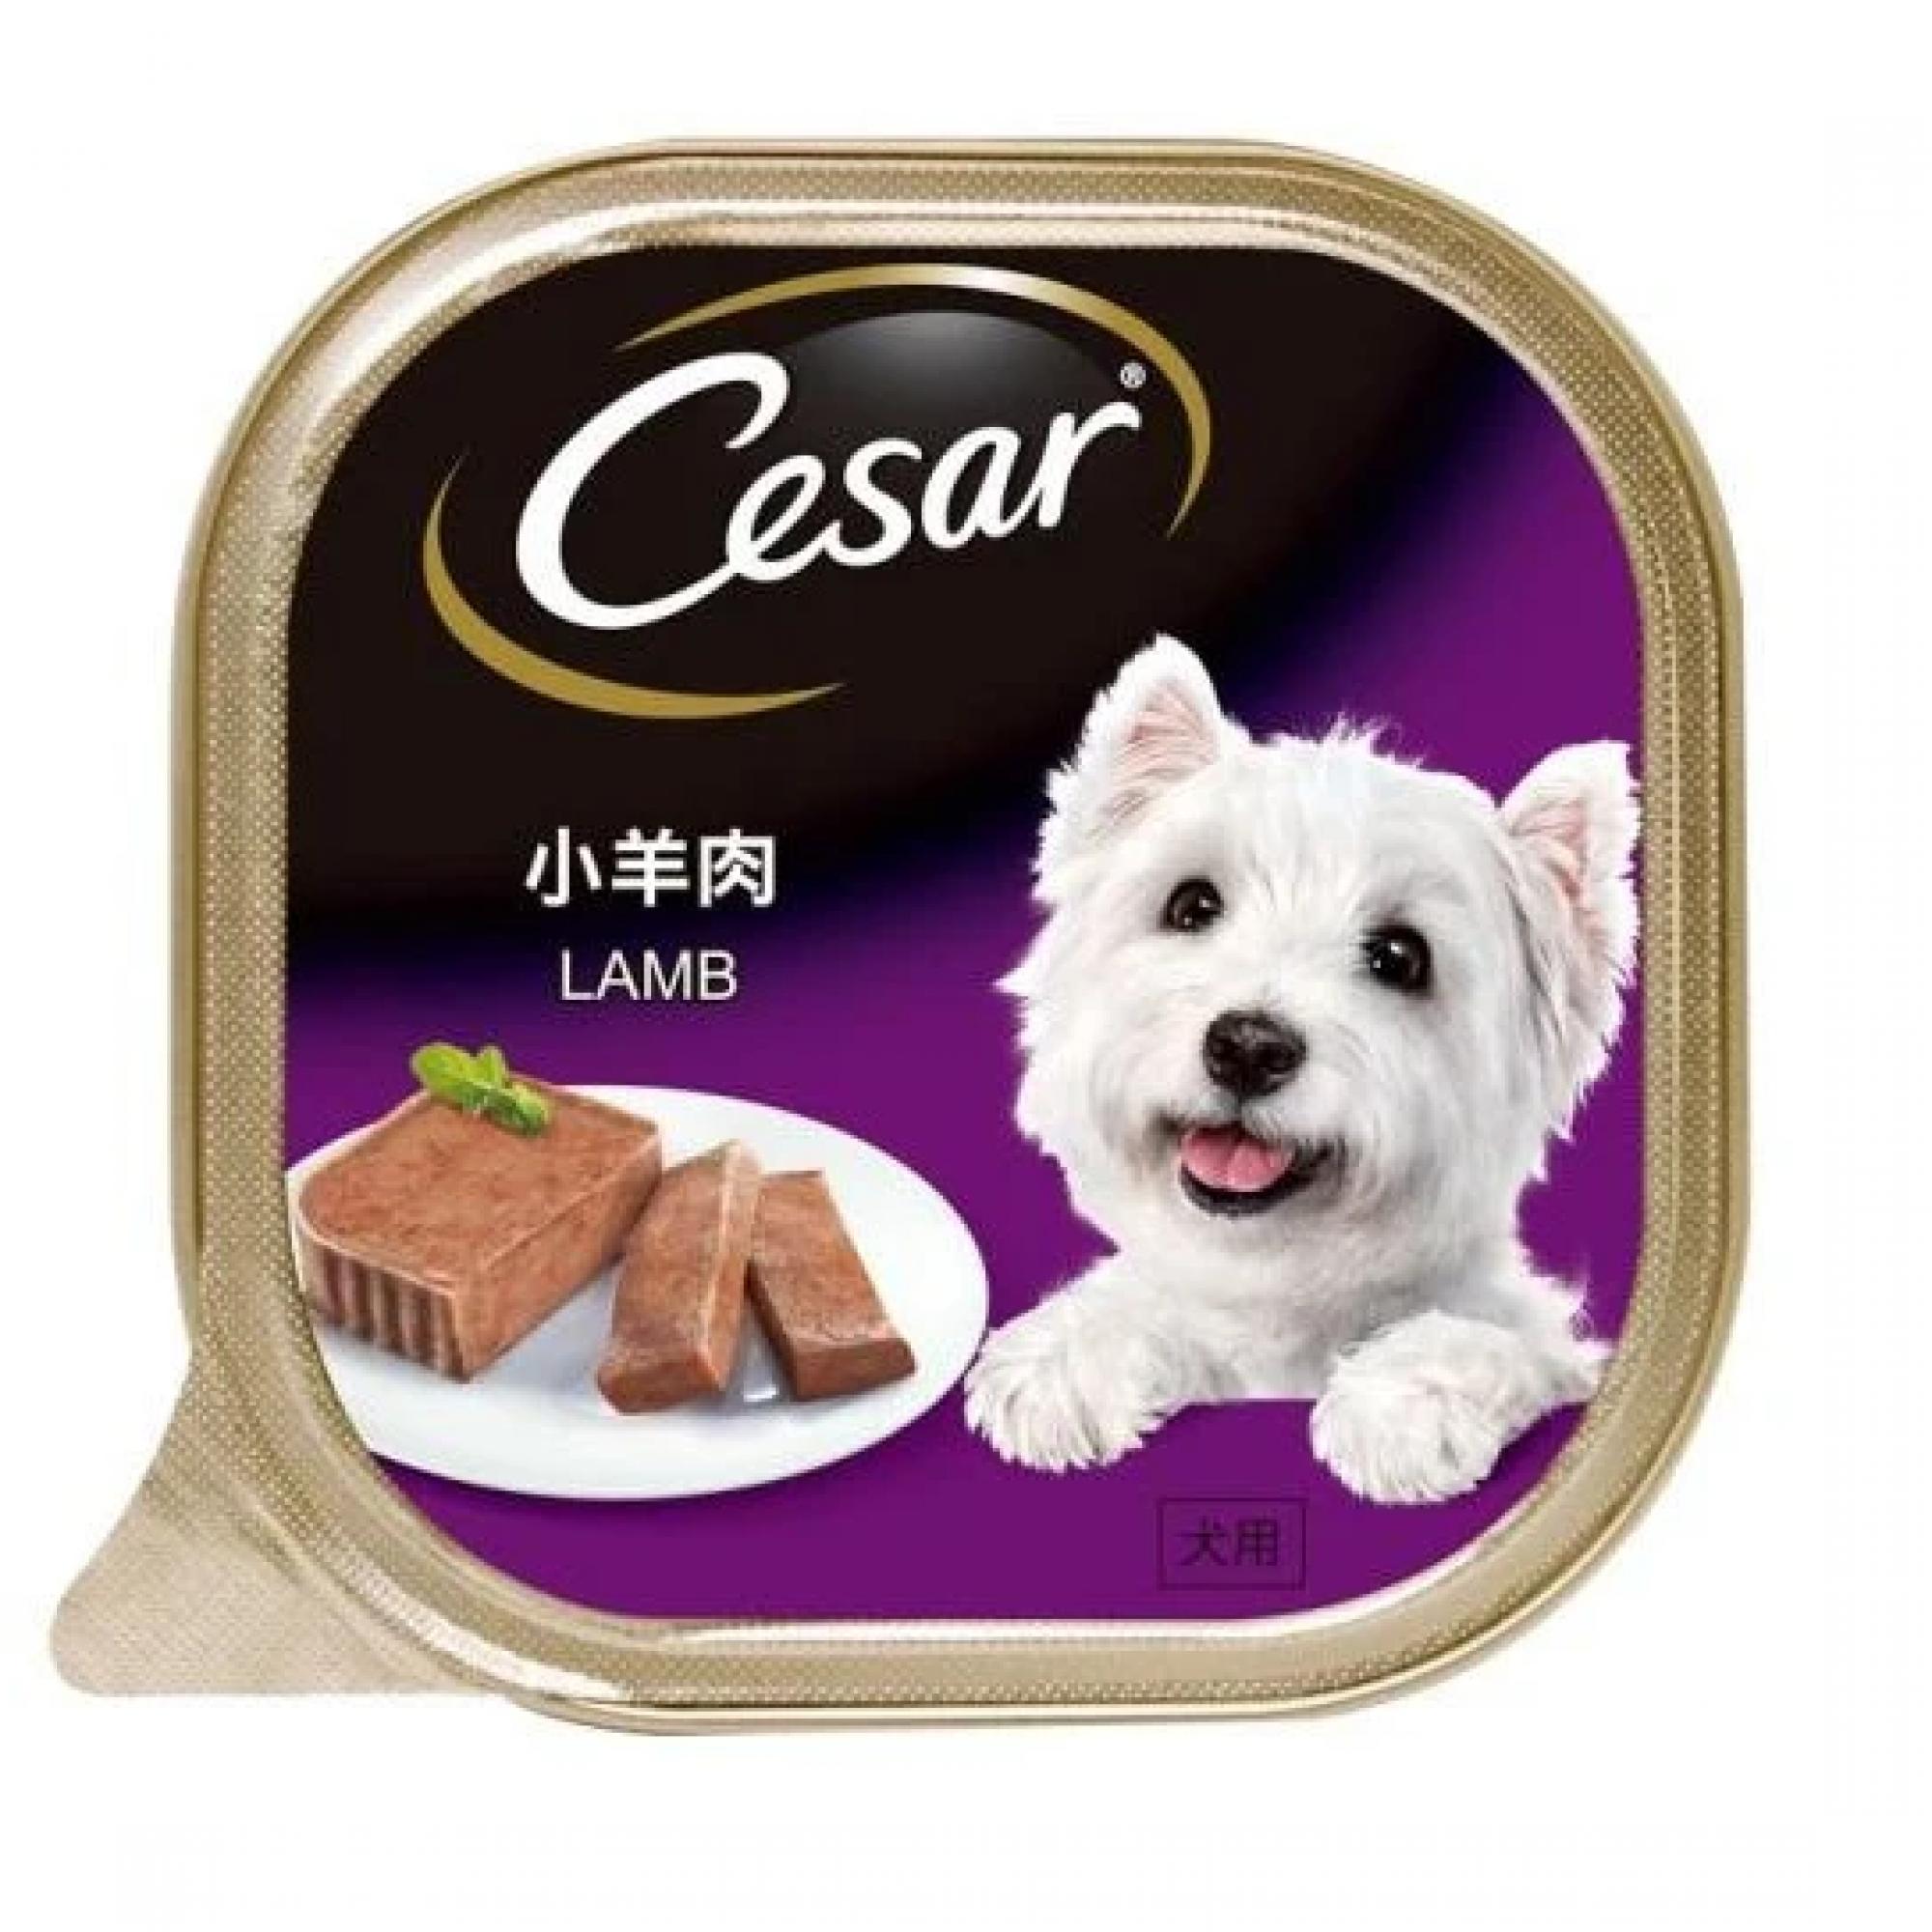 Cesar - Lamb Pate Dog Food 100g